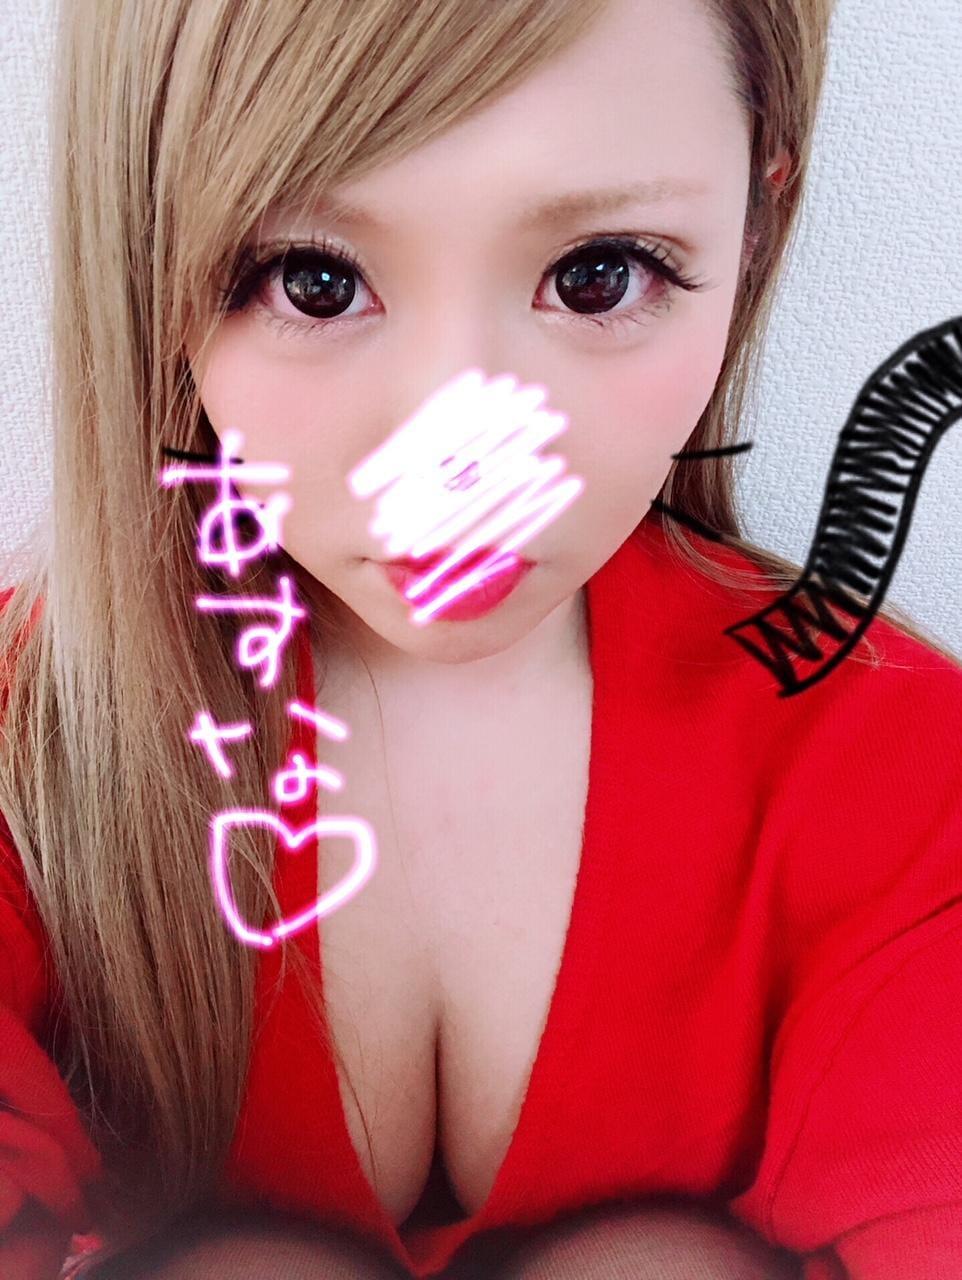 あすな「こんにちわ♡」01/16(水) 17:31 | あすなの写メ・風俗動画